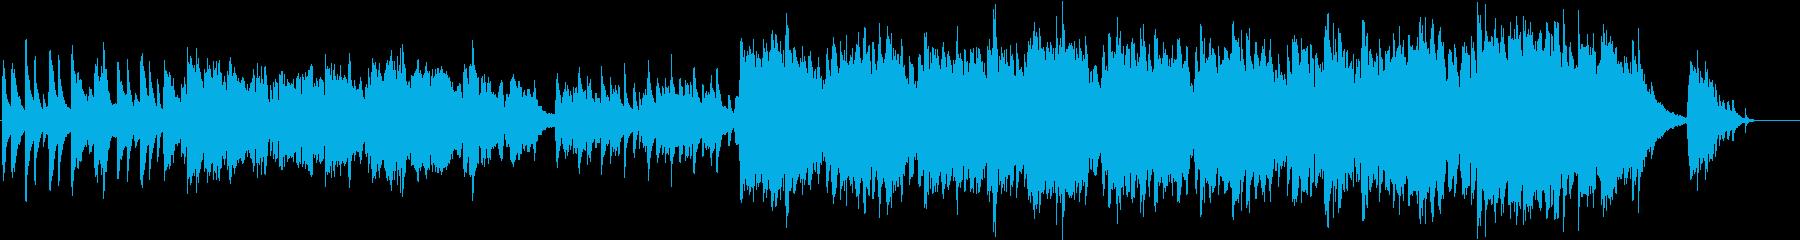 ハープとフルートの響きの極上和風インストの再生済みの波形